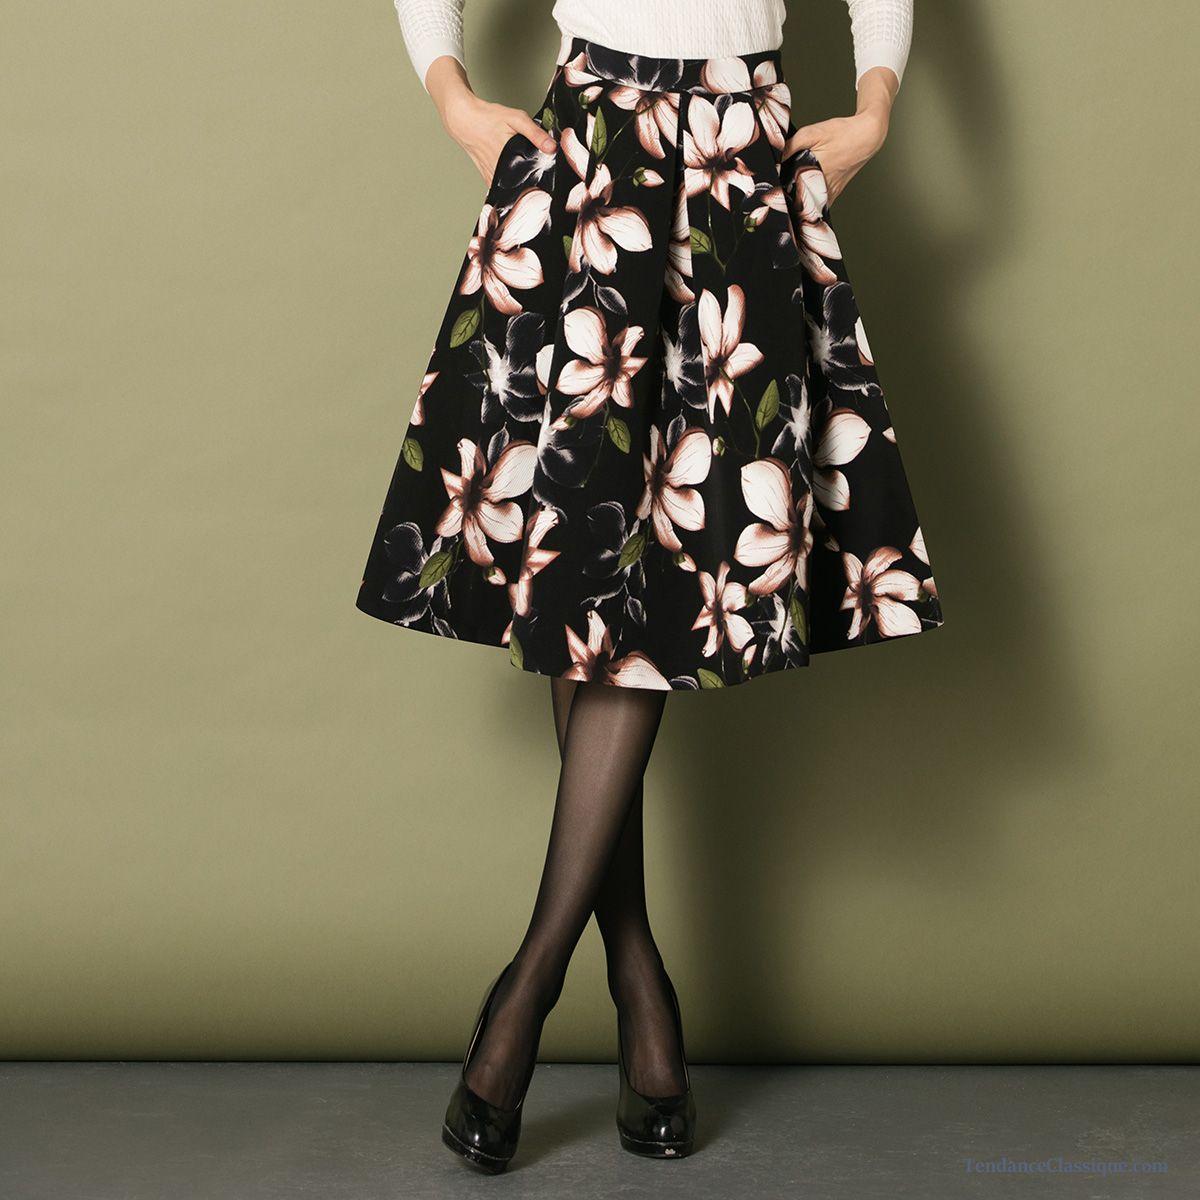 jupe longue pas cher femme jupe noire droite. Black Bedroom Furniture Sets. Home Design Ideas